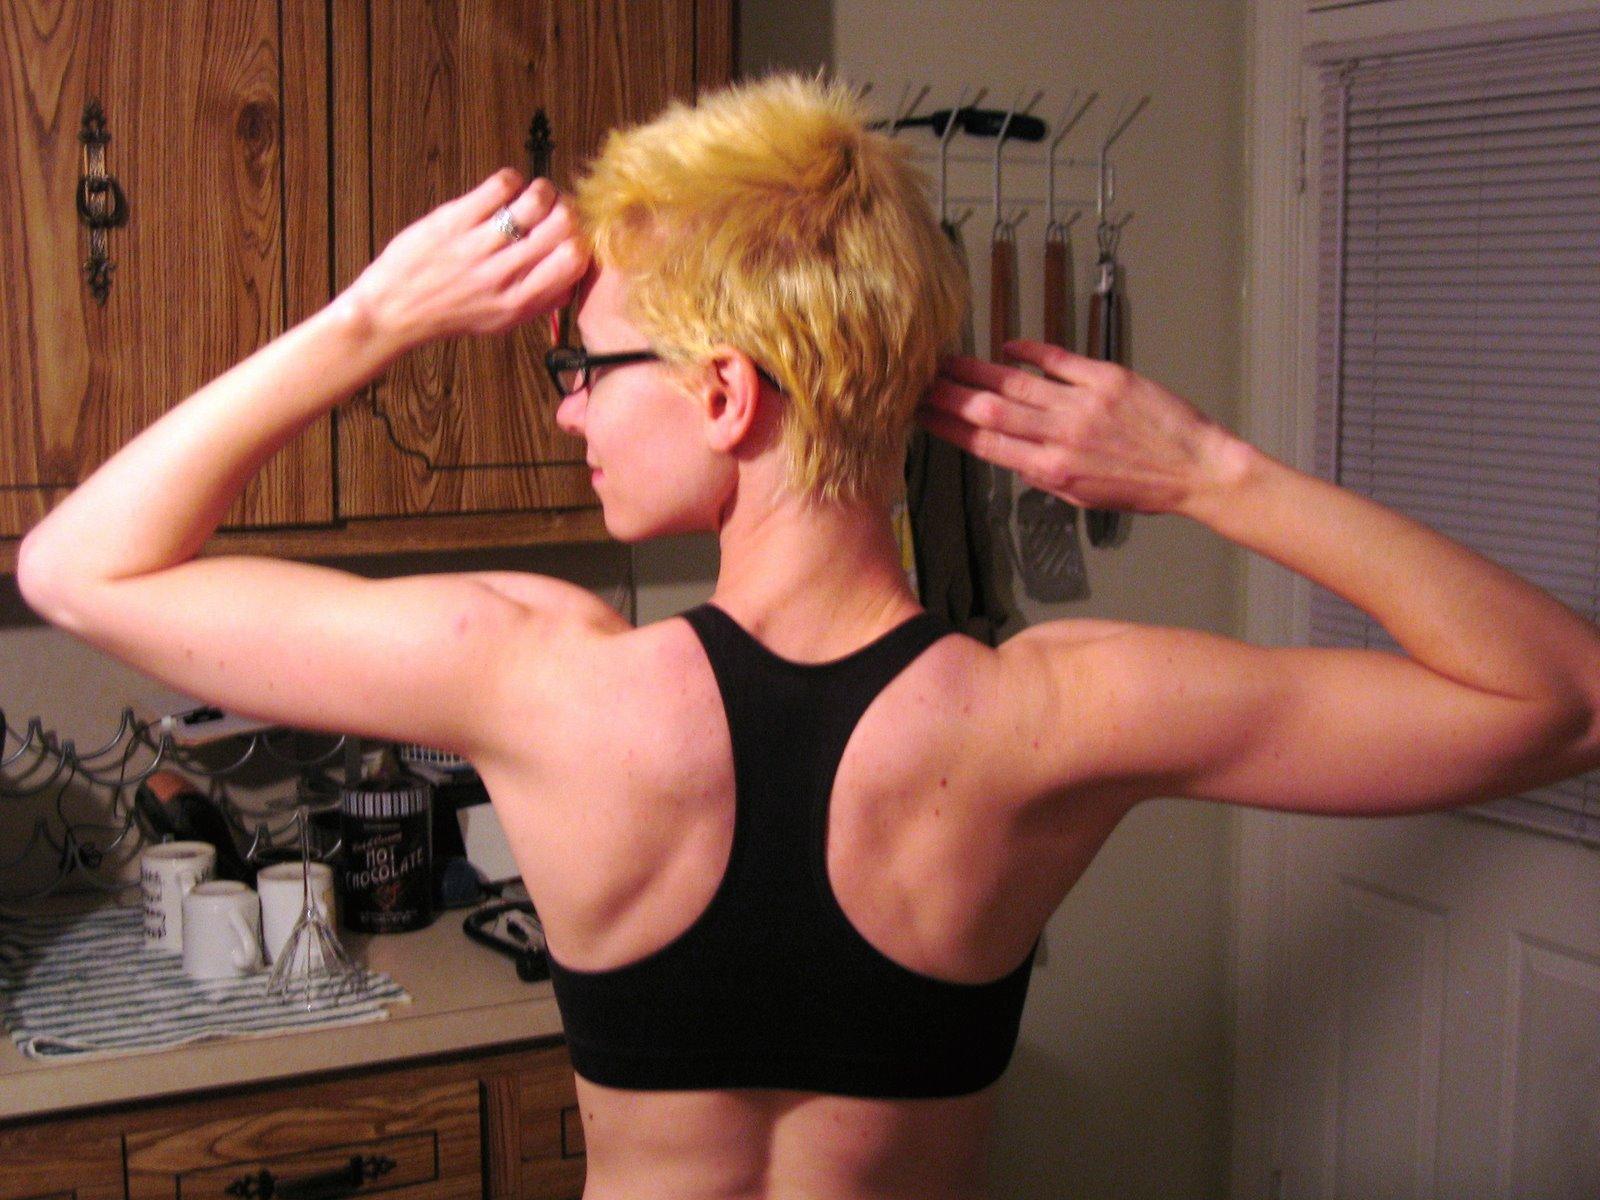 [Ann+lifts+weights!]